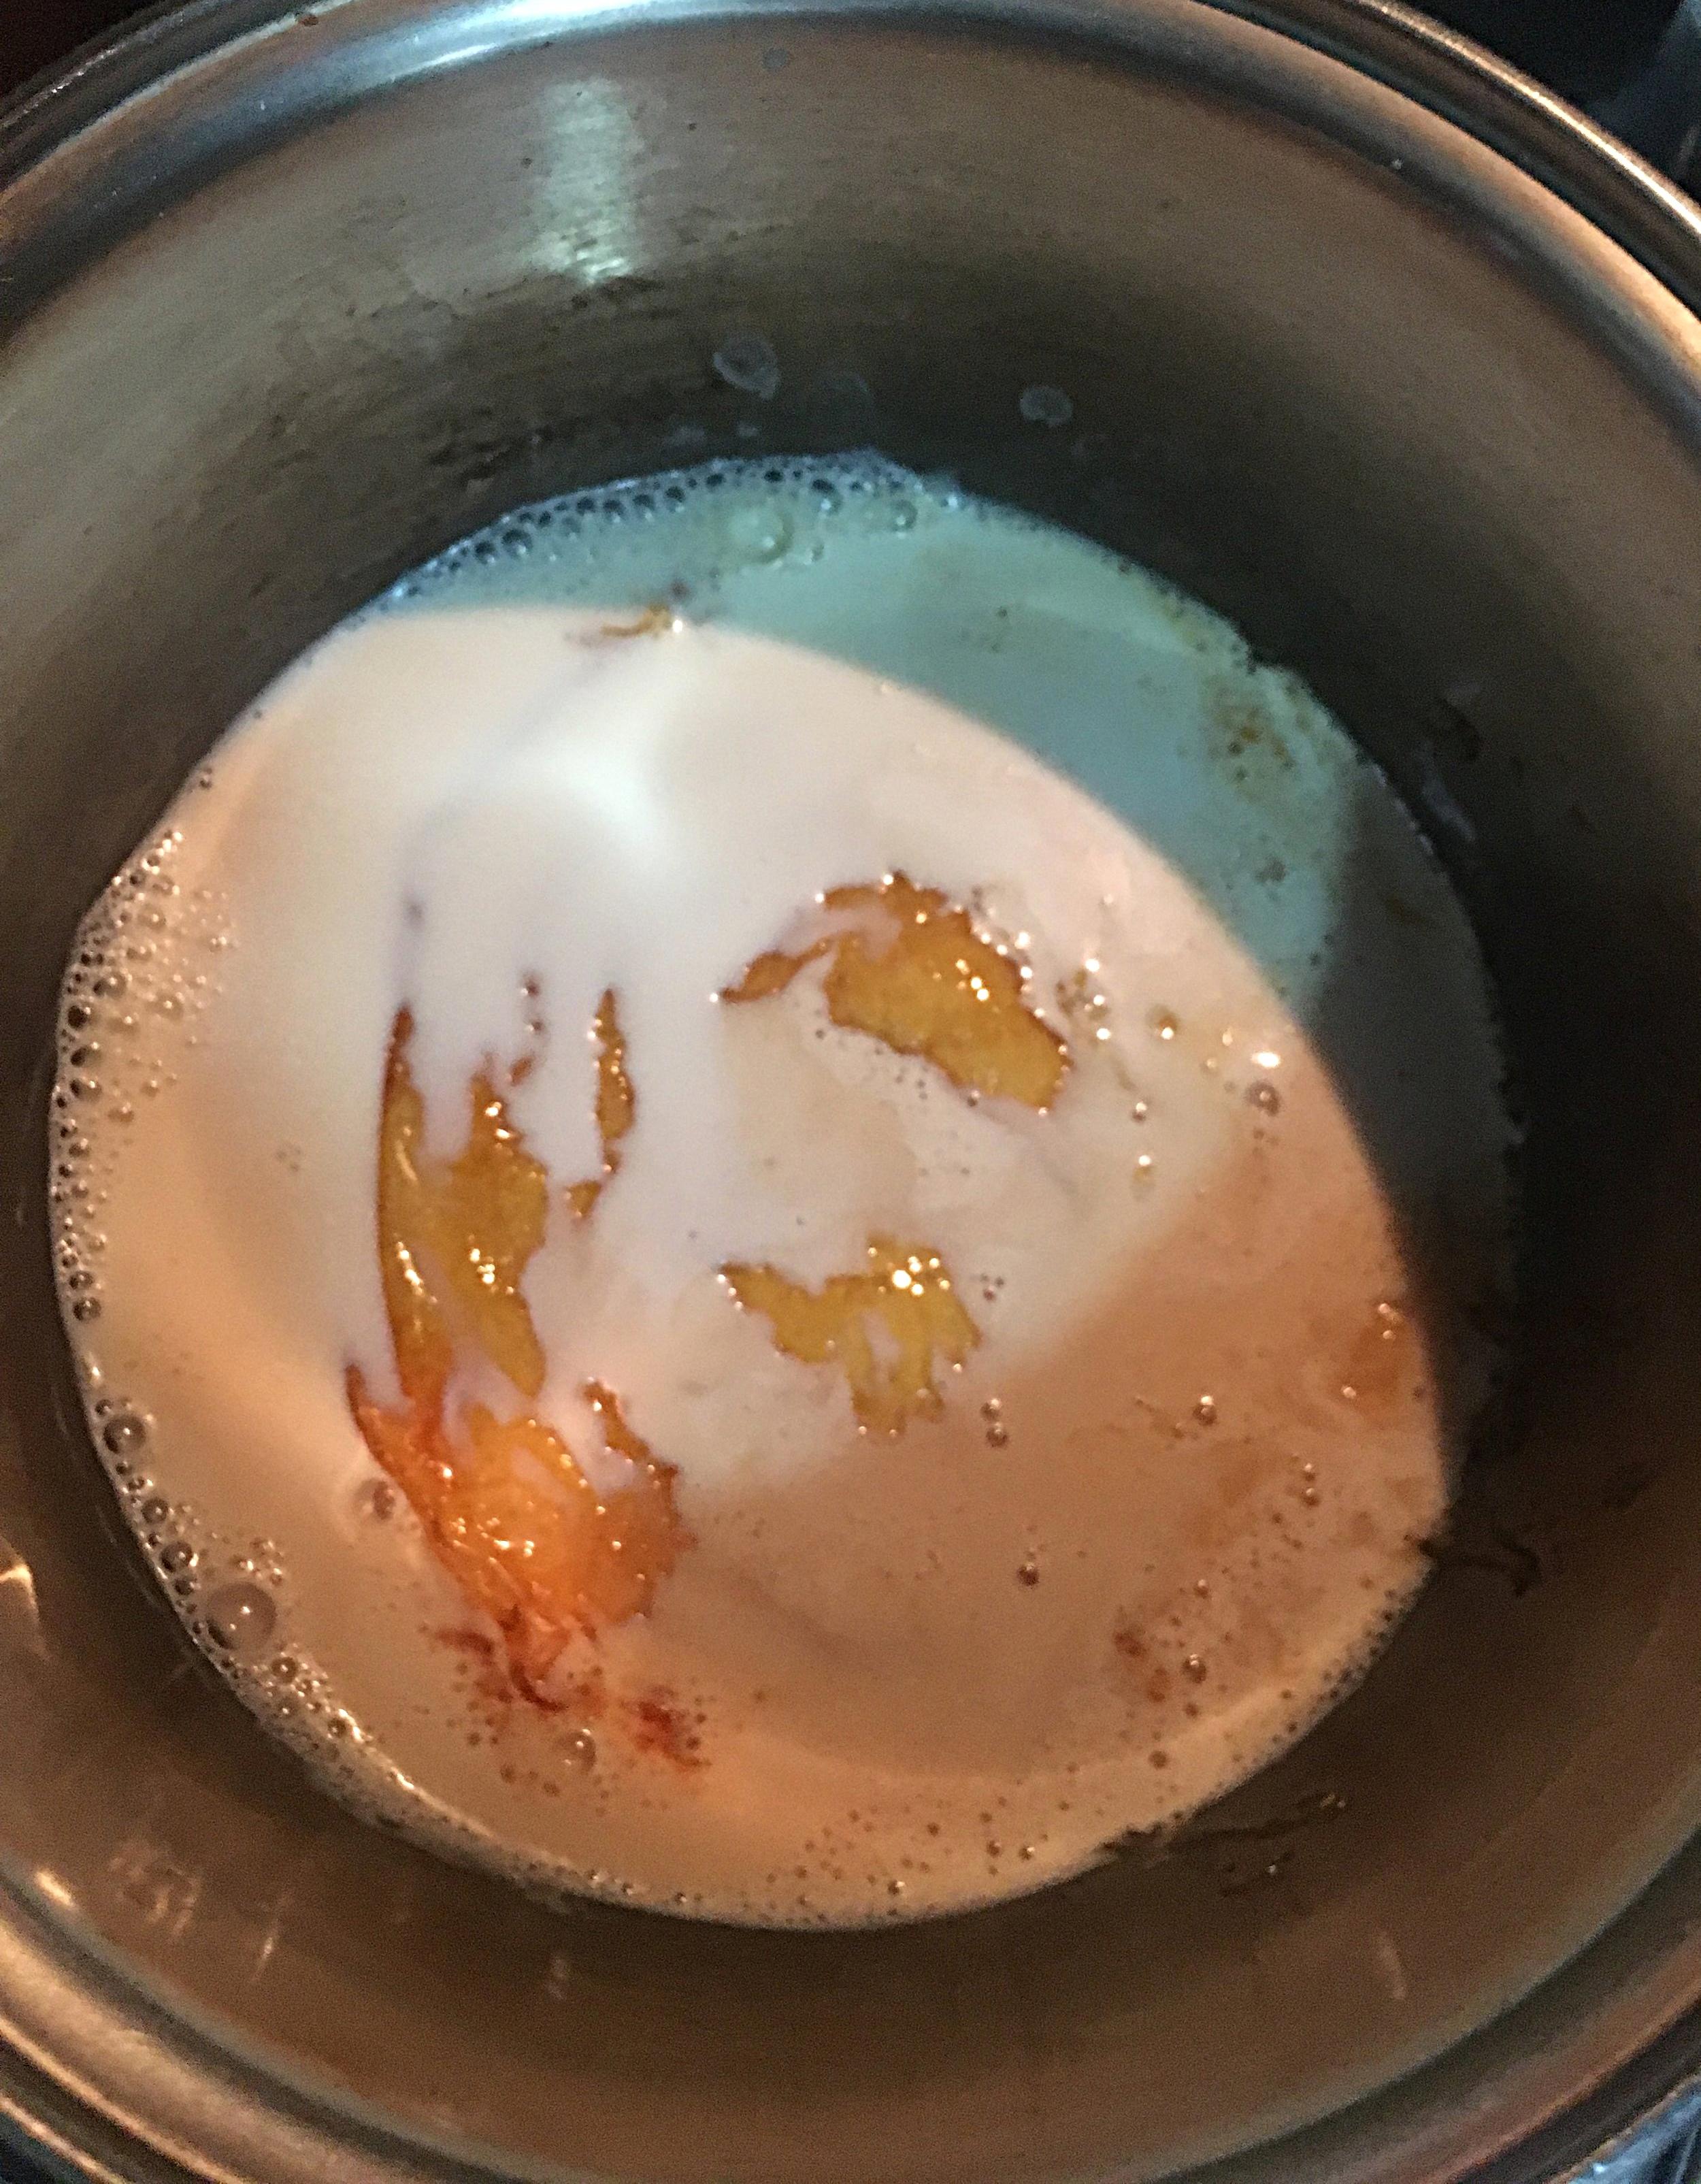 Verta o leite com cuidado, em temperatura ambiente,sobre o caramelo quente com o fogo ligado. Vai fazer barulho e o caramelo vai inflar por conta da diferença de temperatura.